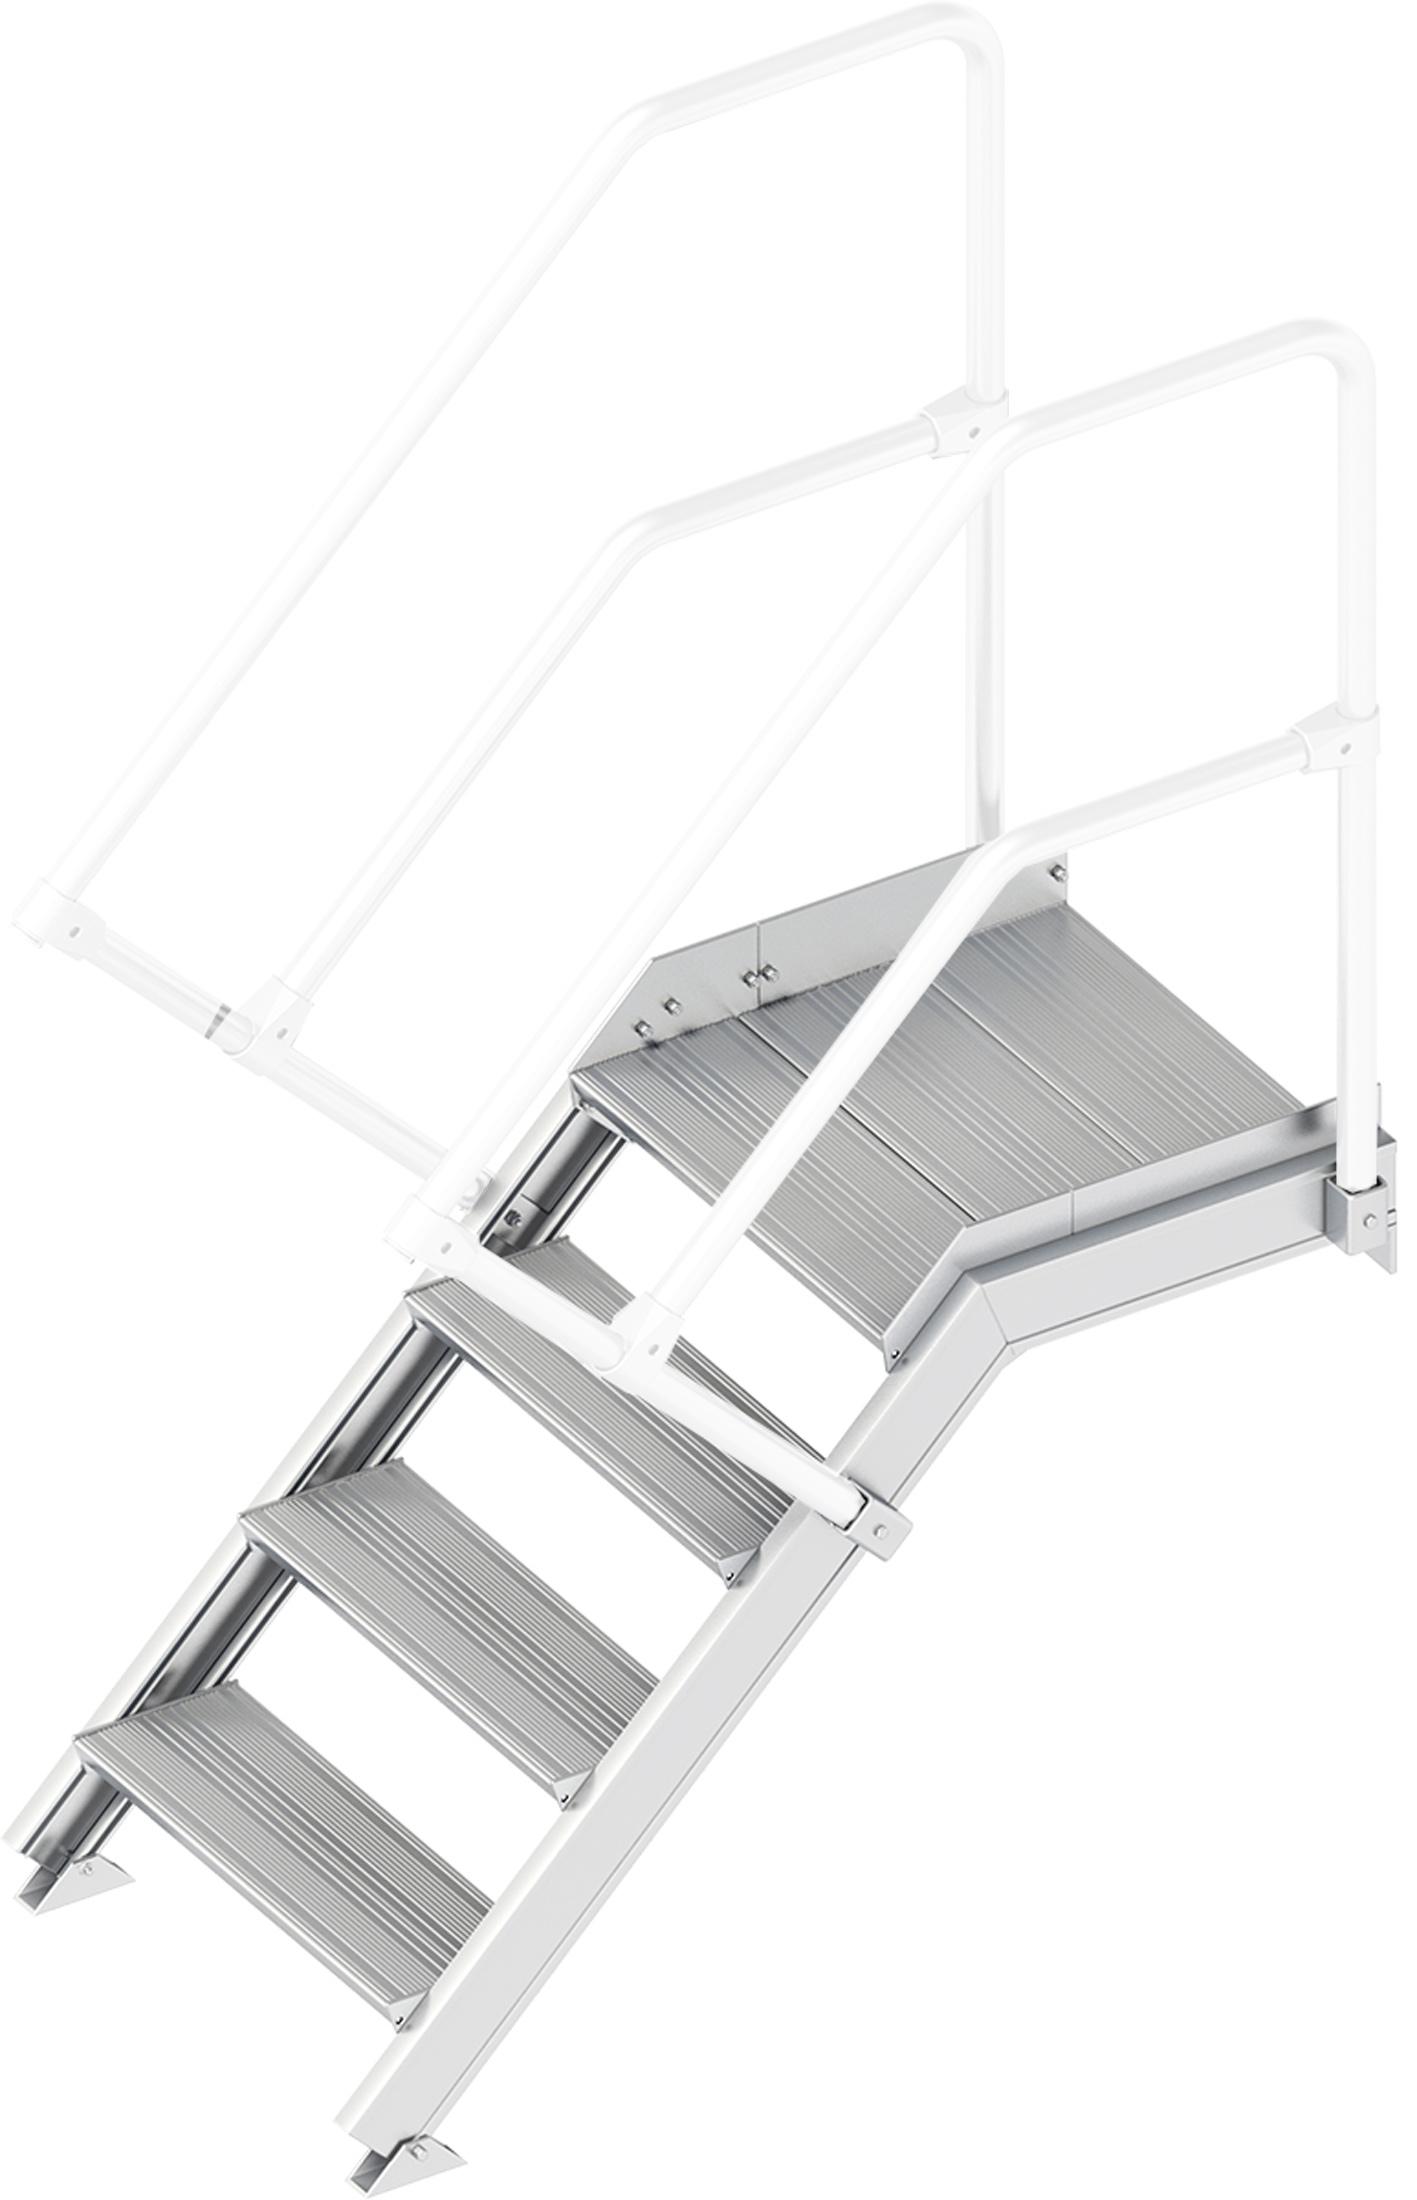 Layher Plattformtreppe 45° 4 Stufen - 600 mm breit